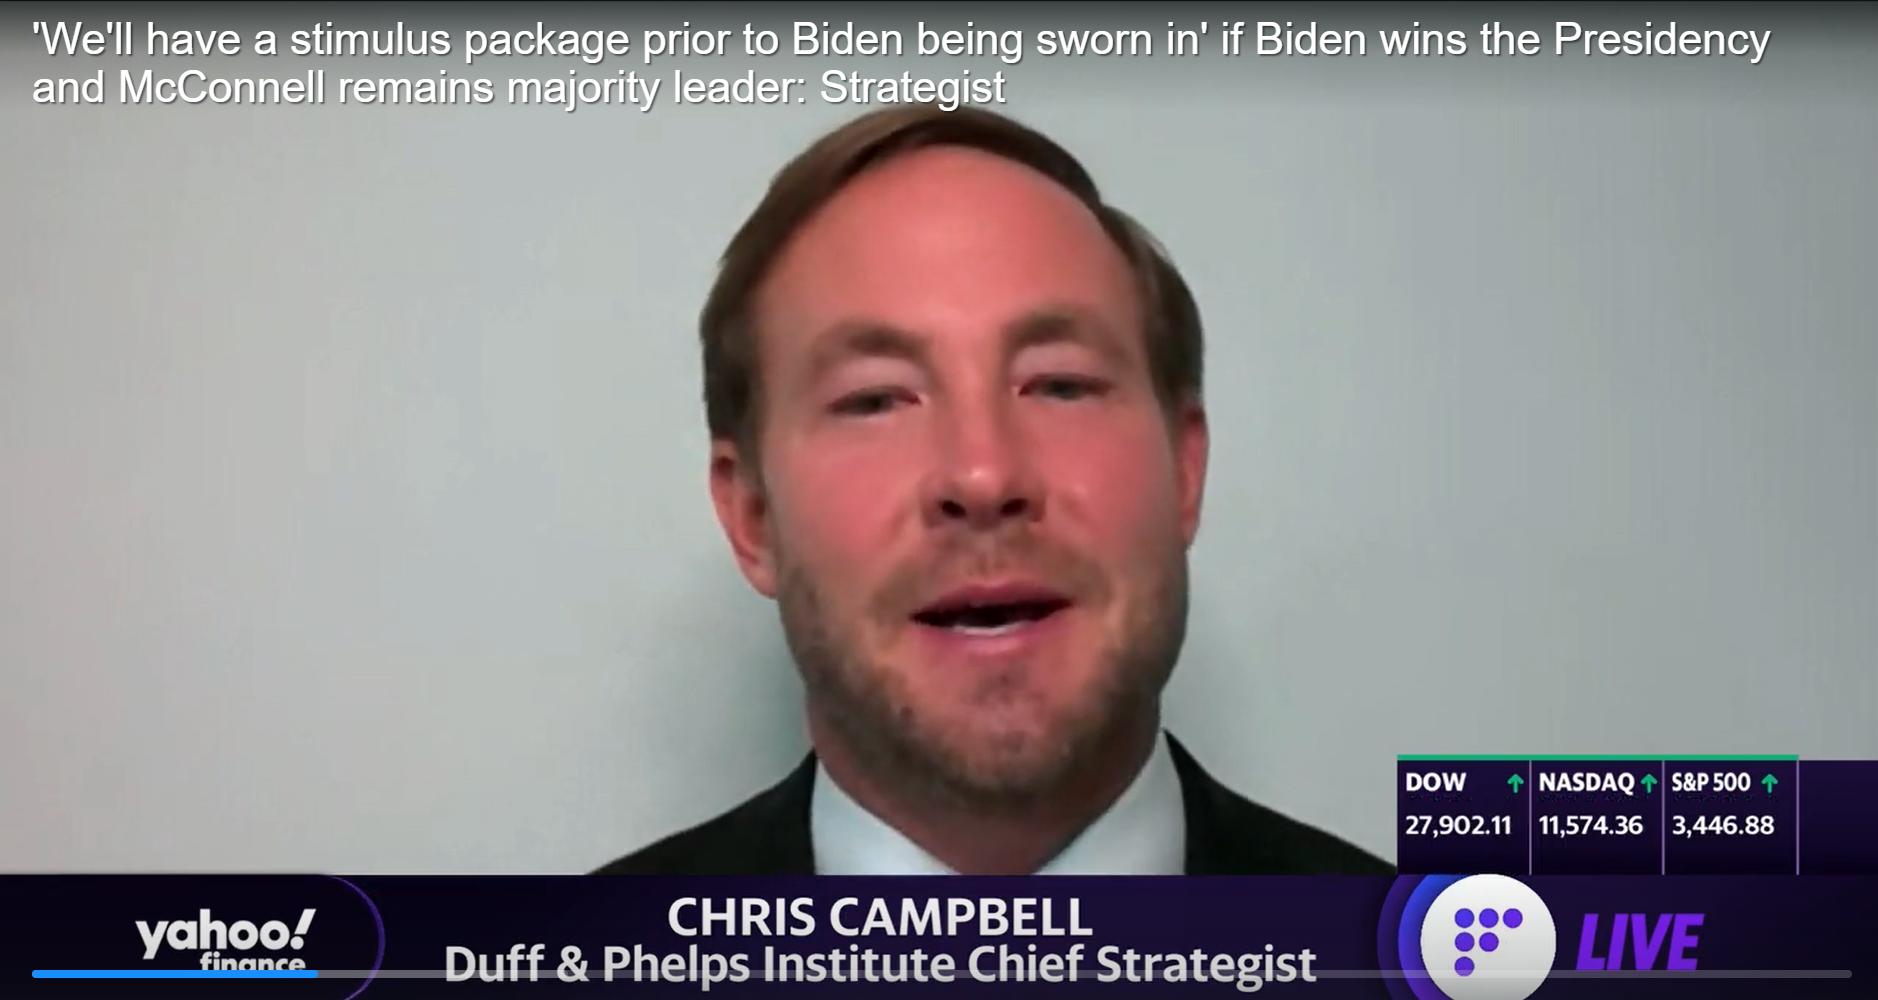 'Chúng ta sẽ có một gói kích thích trước khi Biden tuyên thệ nhậm chức' nếu Biden thắng